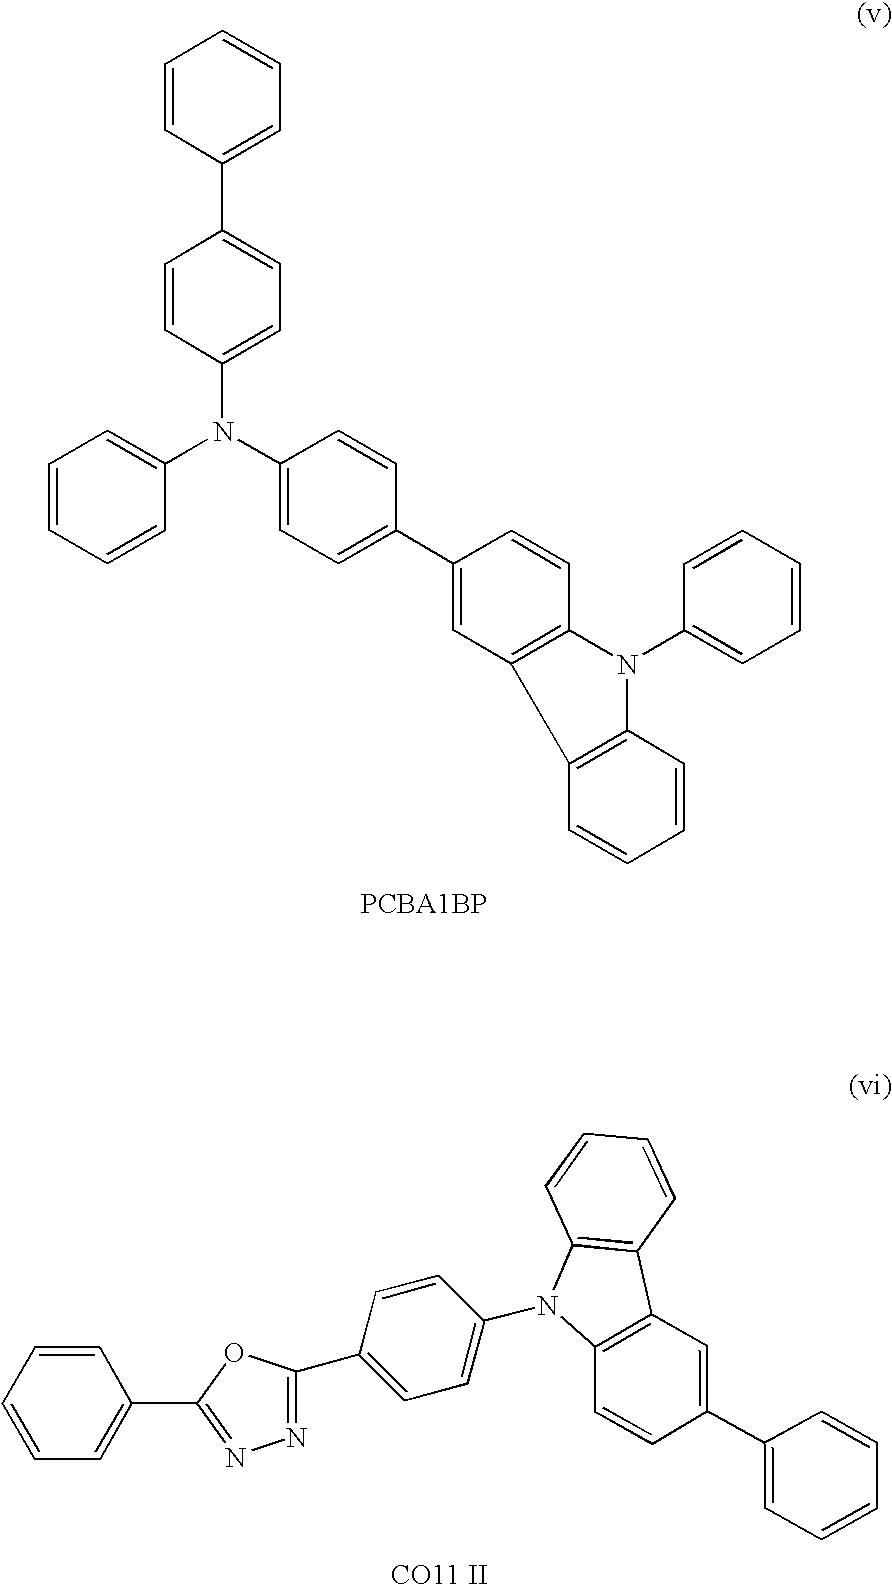 Figure US20100059741A1-20100311-C00016